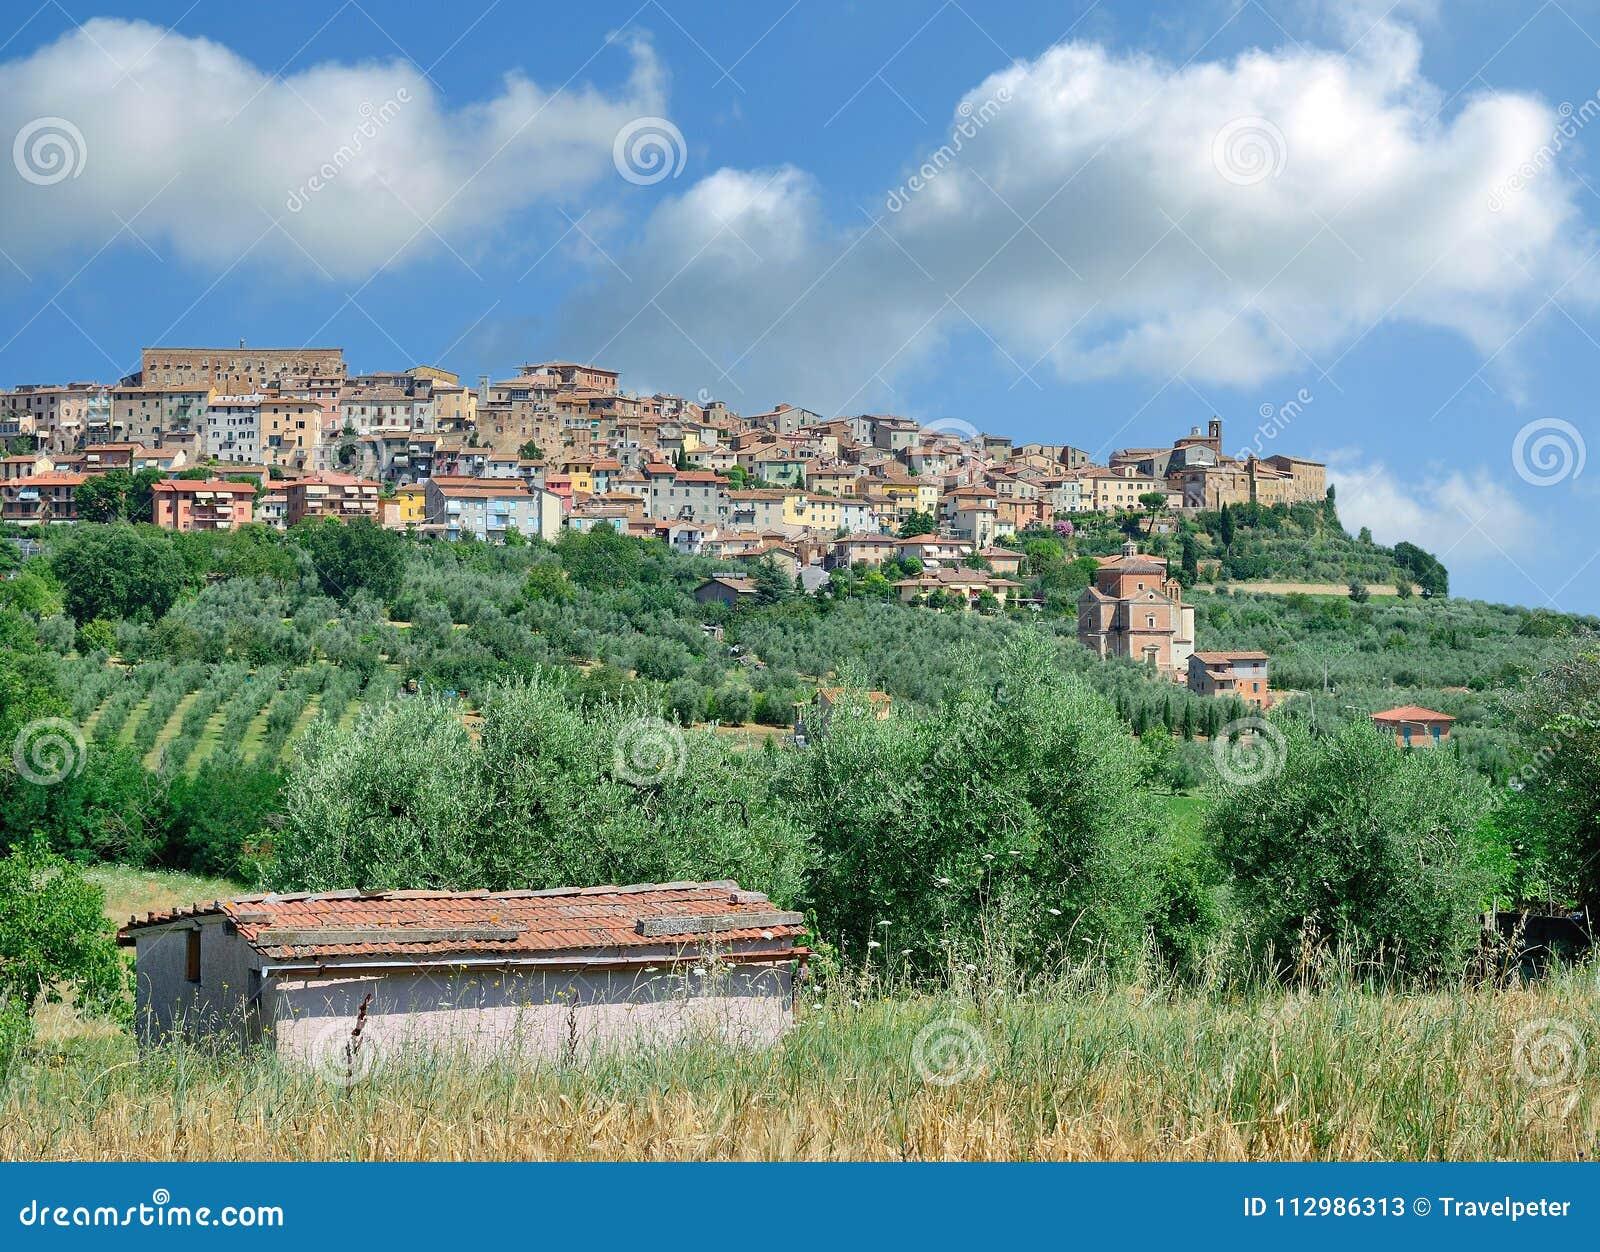 Chianciano Terme,Tuscany,Italy